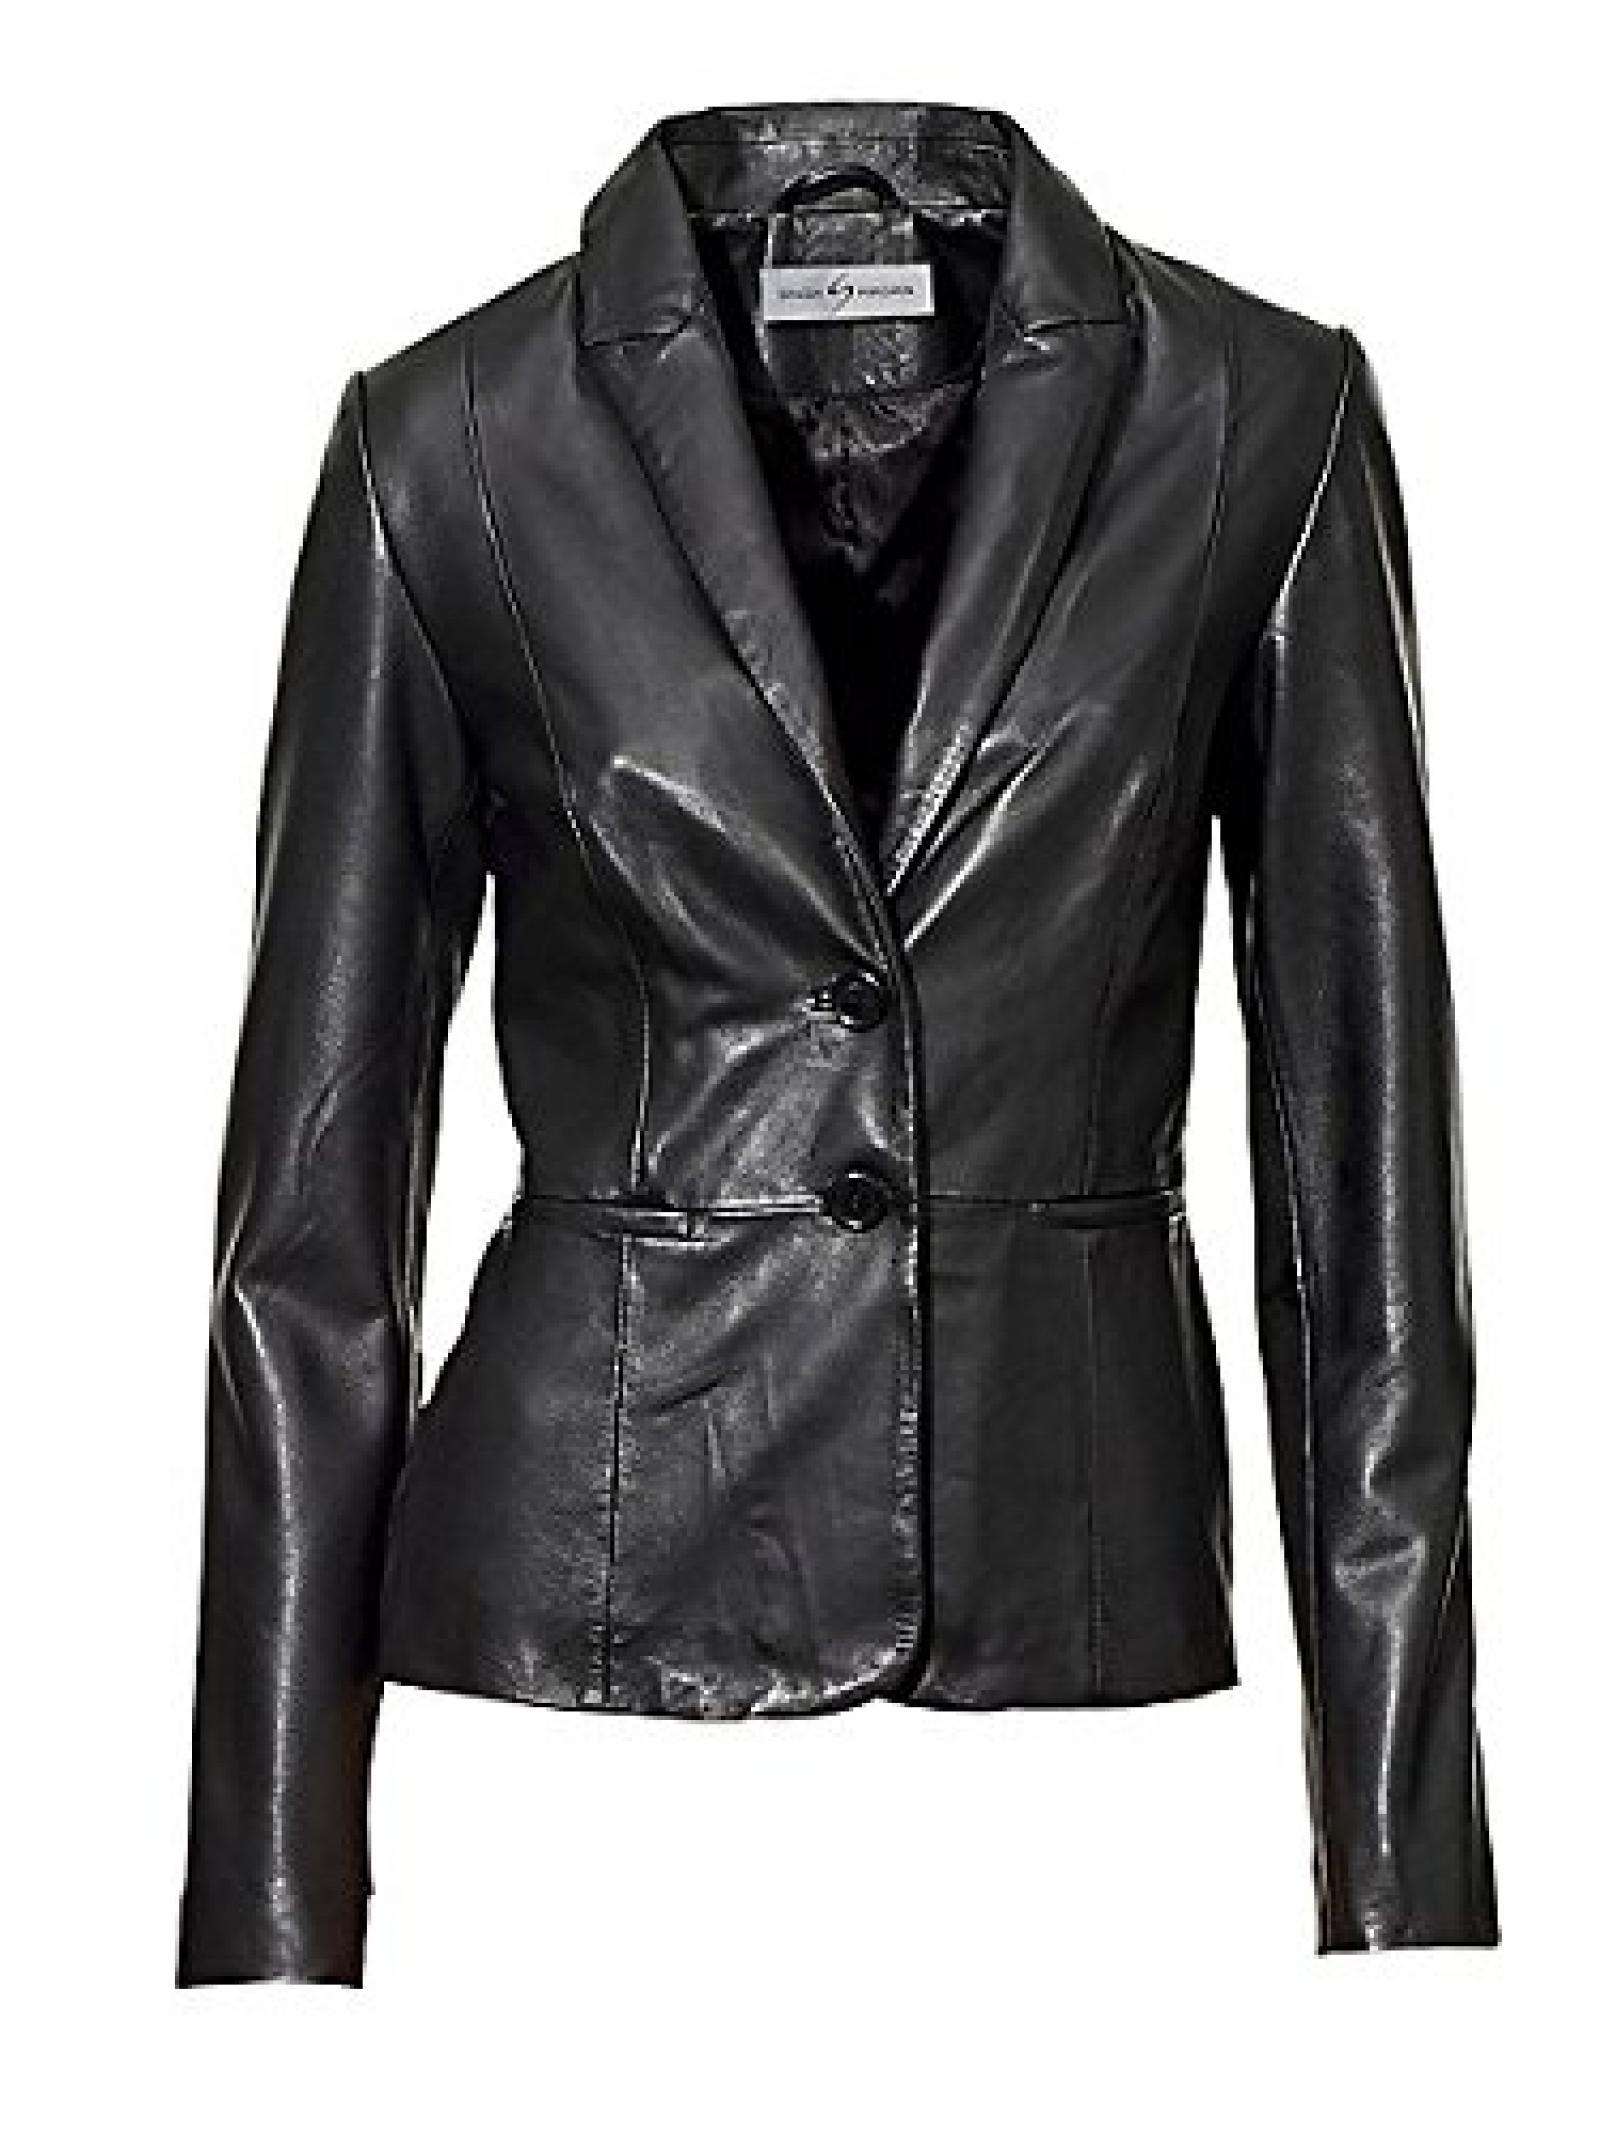 Damen SINGH S. MADAN Lederjacke in schwarz - Größe: 38